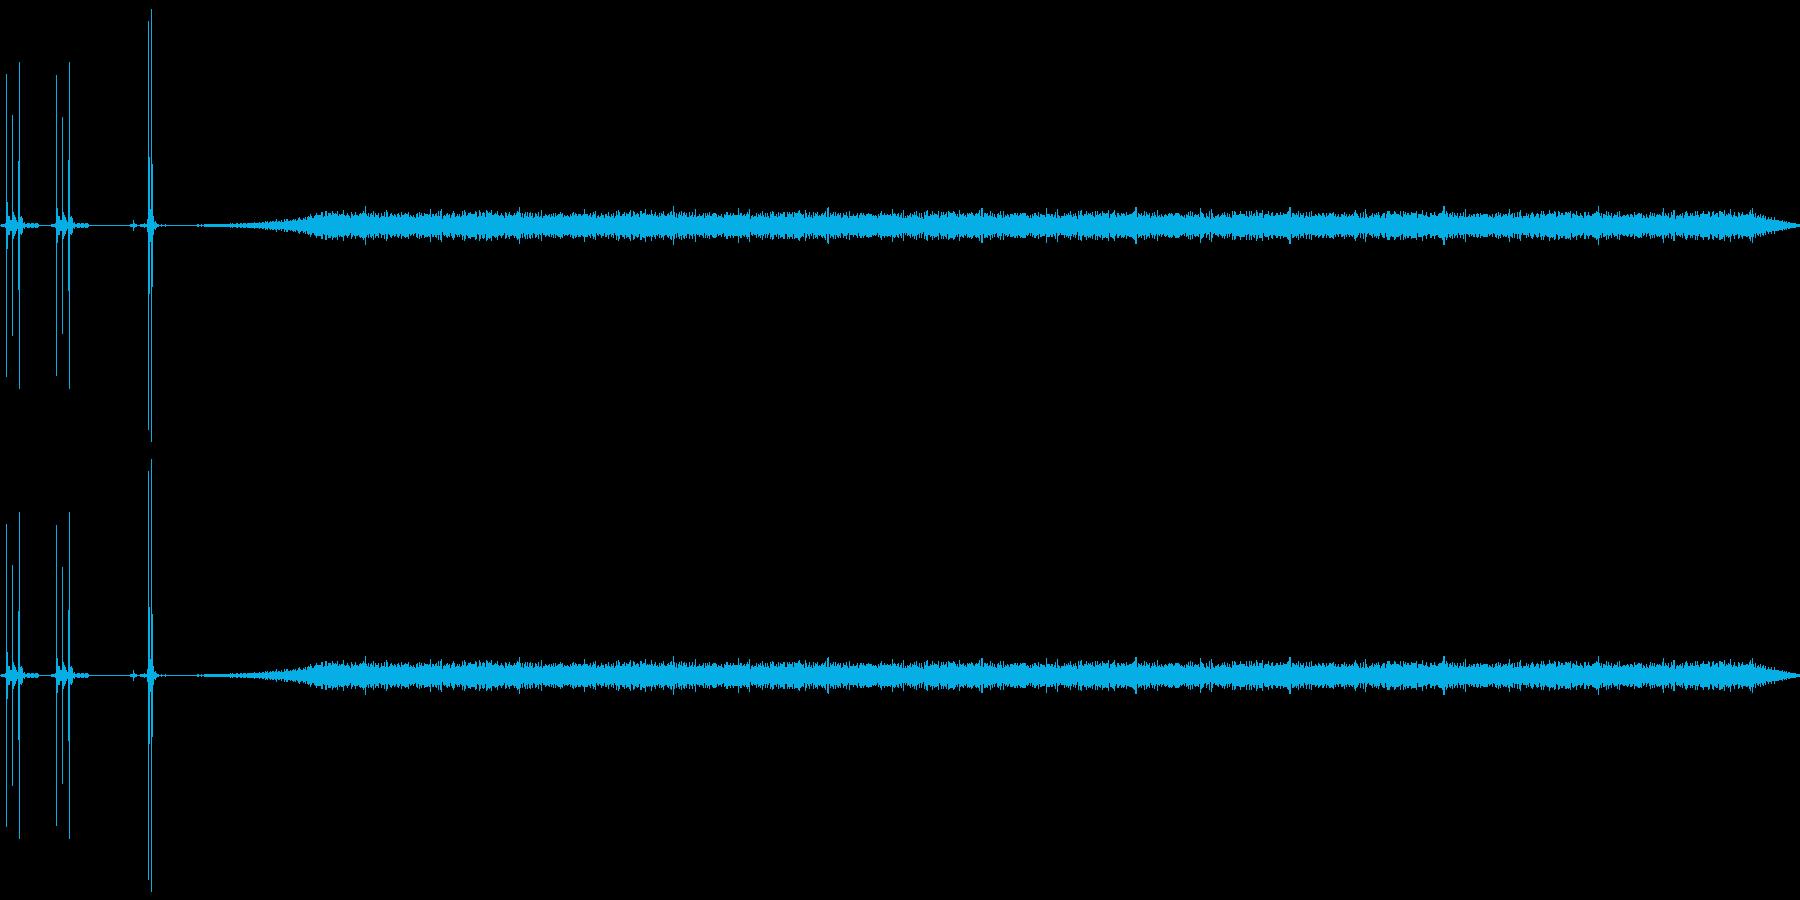 カチカチ(スイッチ)起動の機械音の再生済みの波形